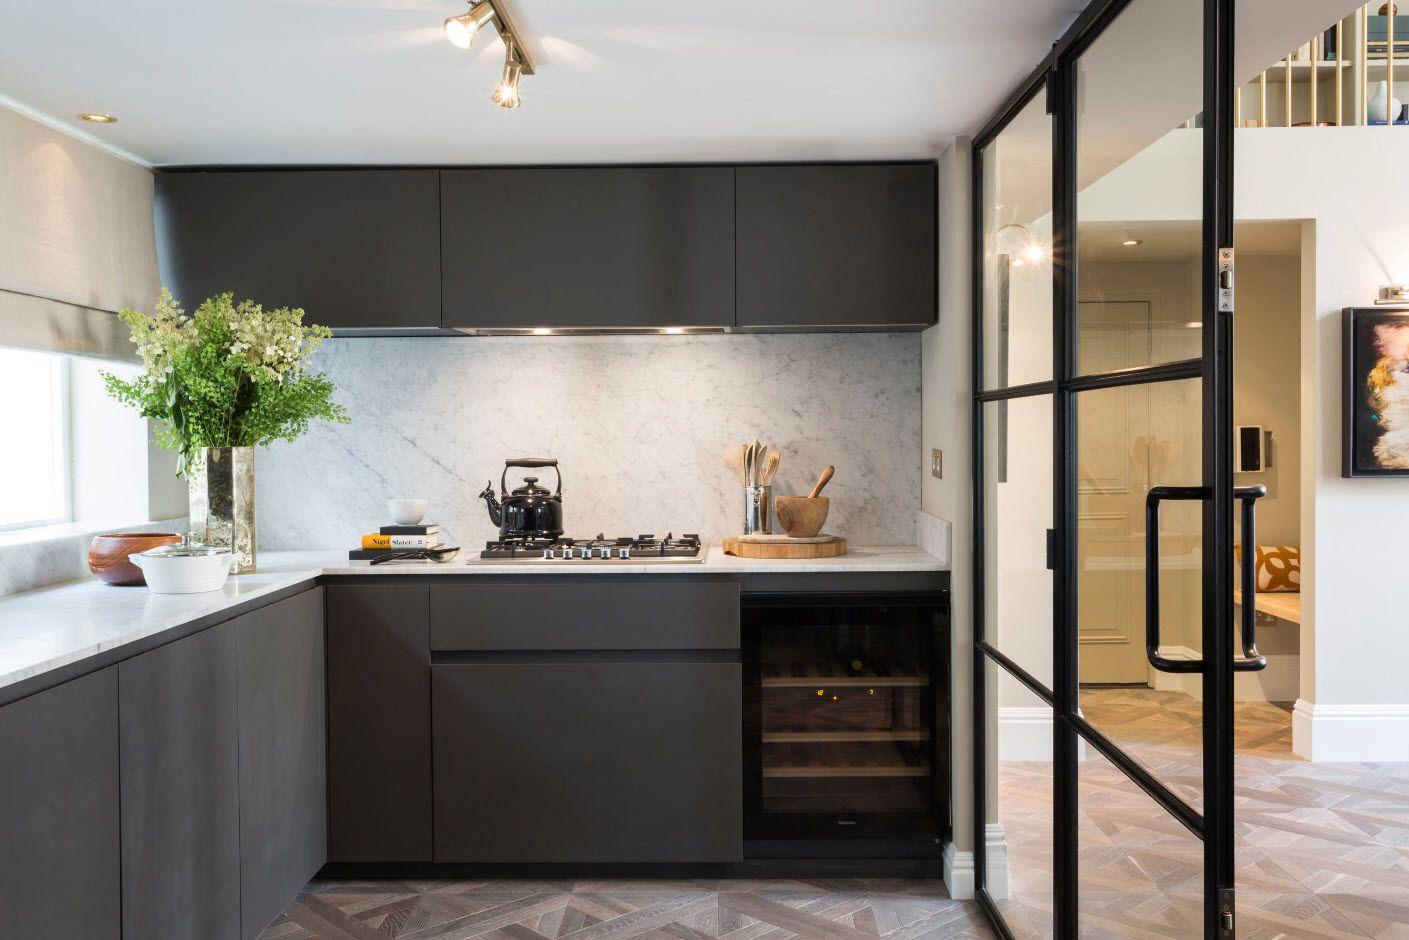 Black design for the kitchen furniture set